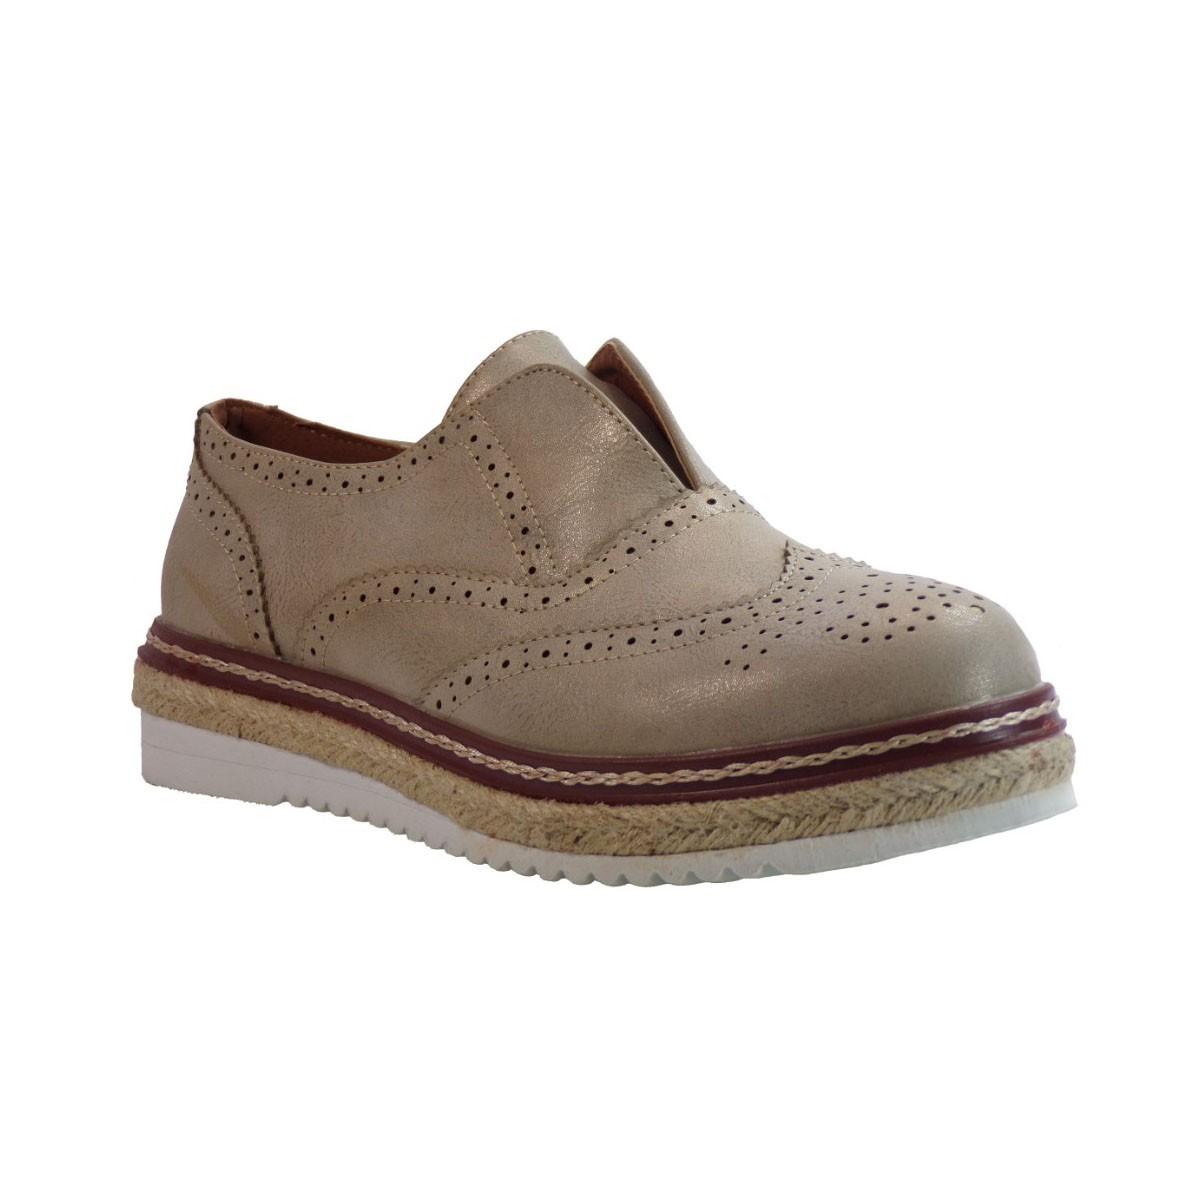 Envie shoes Oxford Γυναικεία Παπούτσια E42-05040 Χρυσό Envie Ε42-05040 Χρυσό